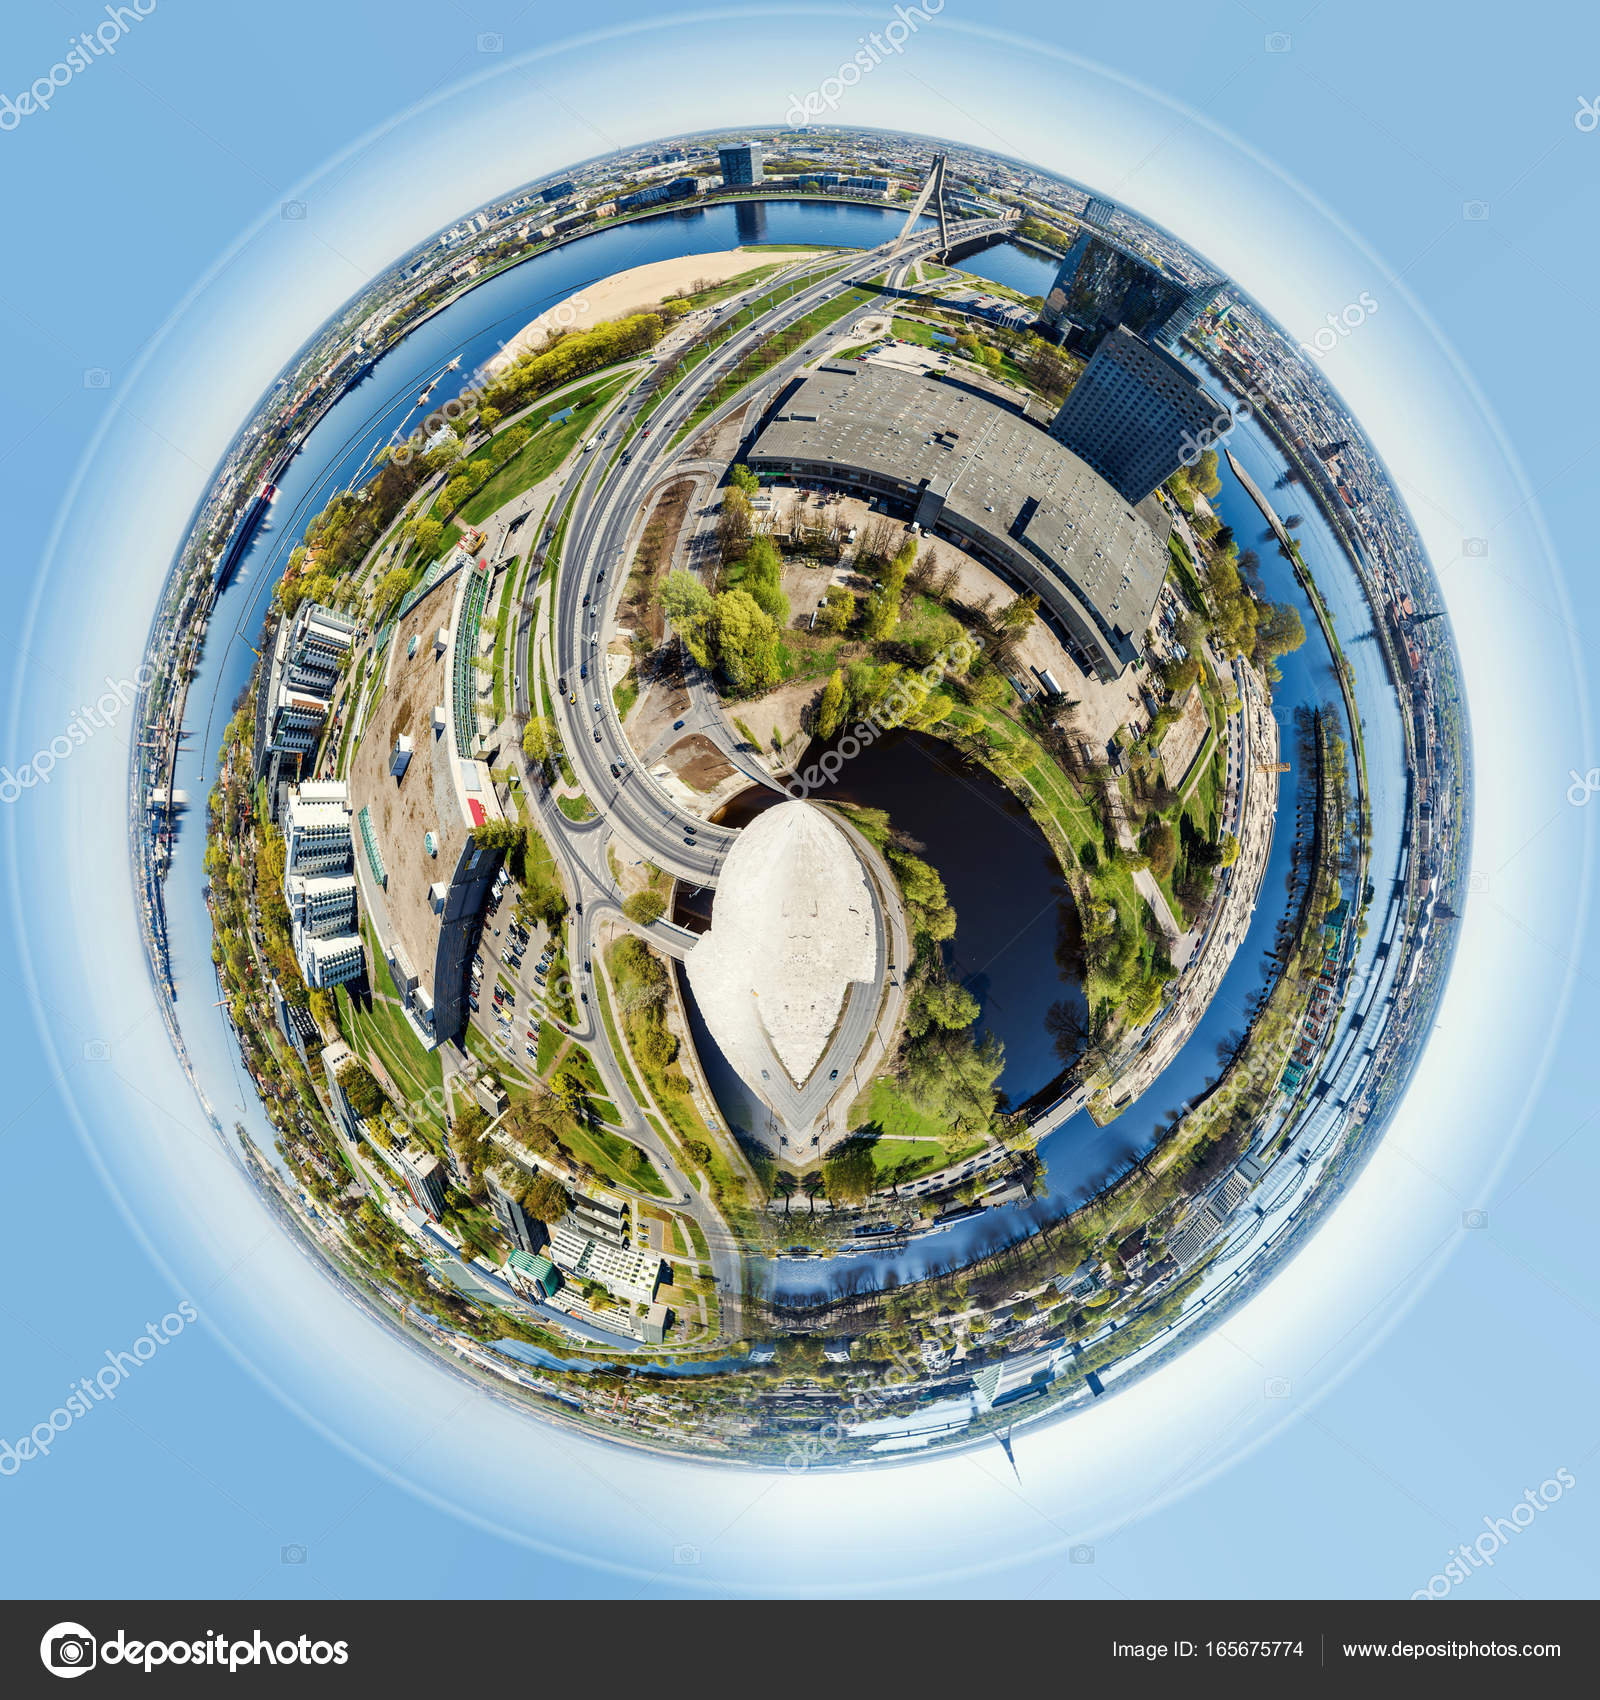 Little Planet 360 Degree Sphere Stock Photo